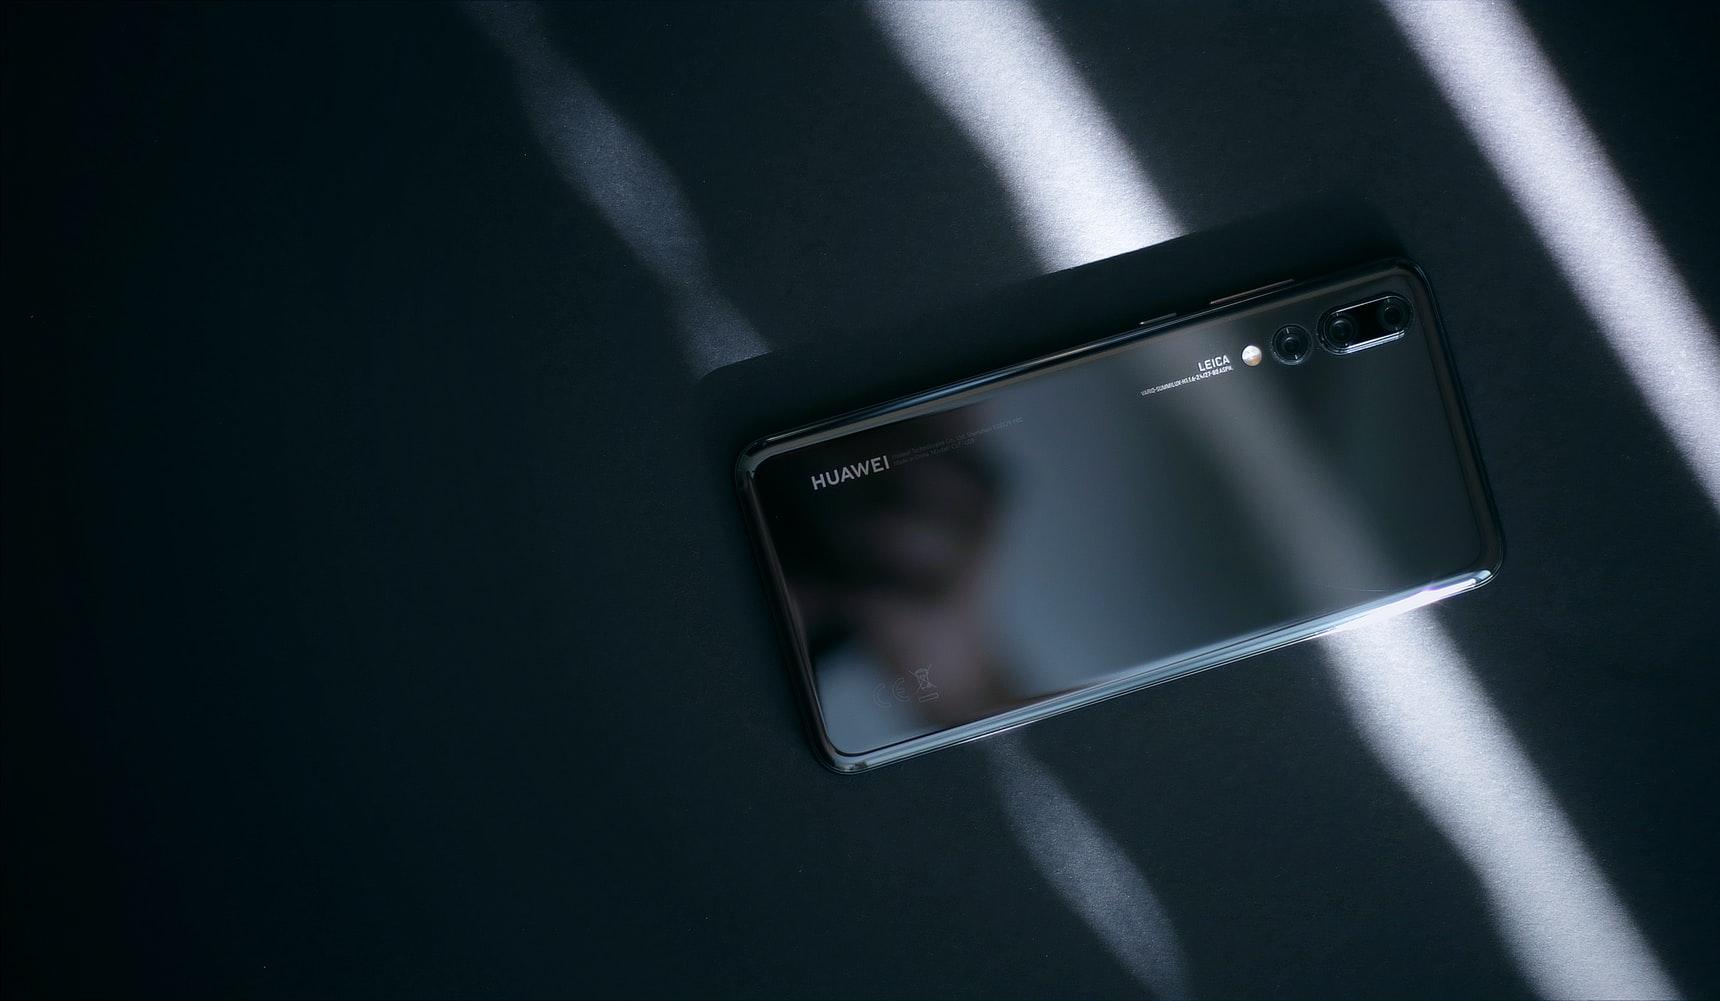 От флагманских смартфонов до умных часов: Huawei готовит как минимум полтора десятка гаджетов